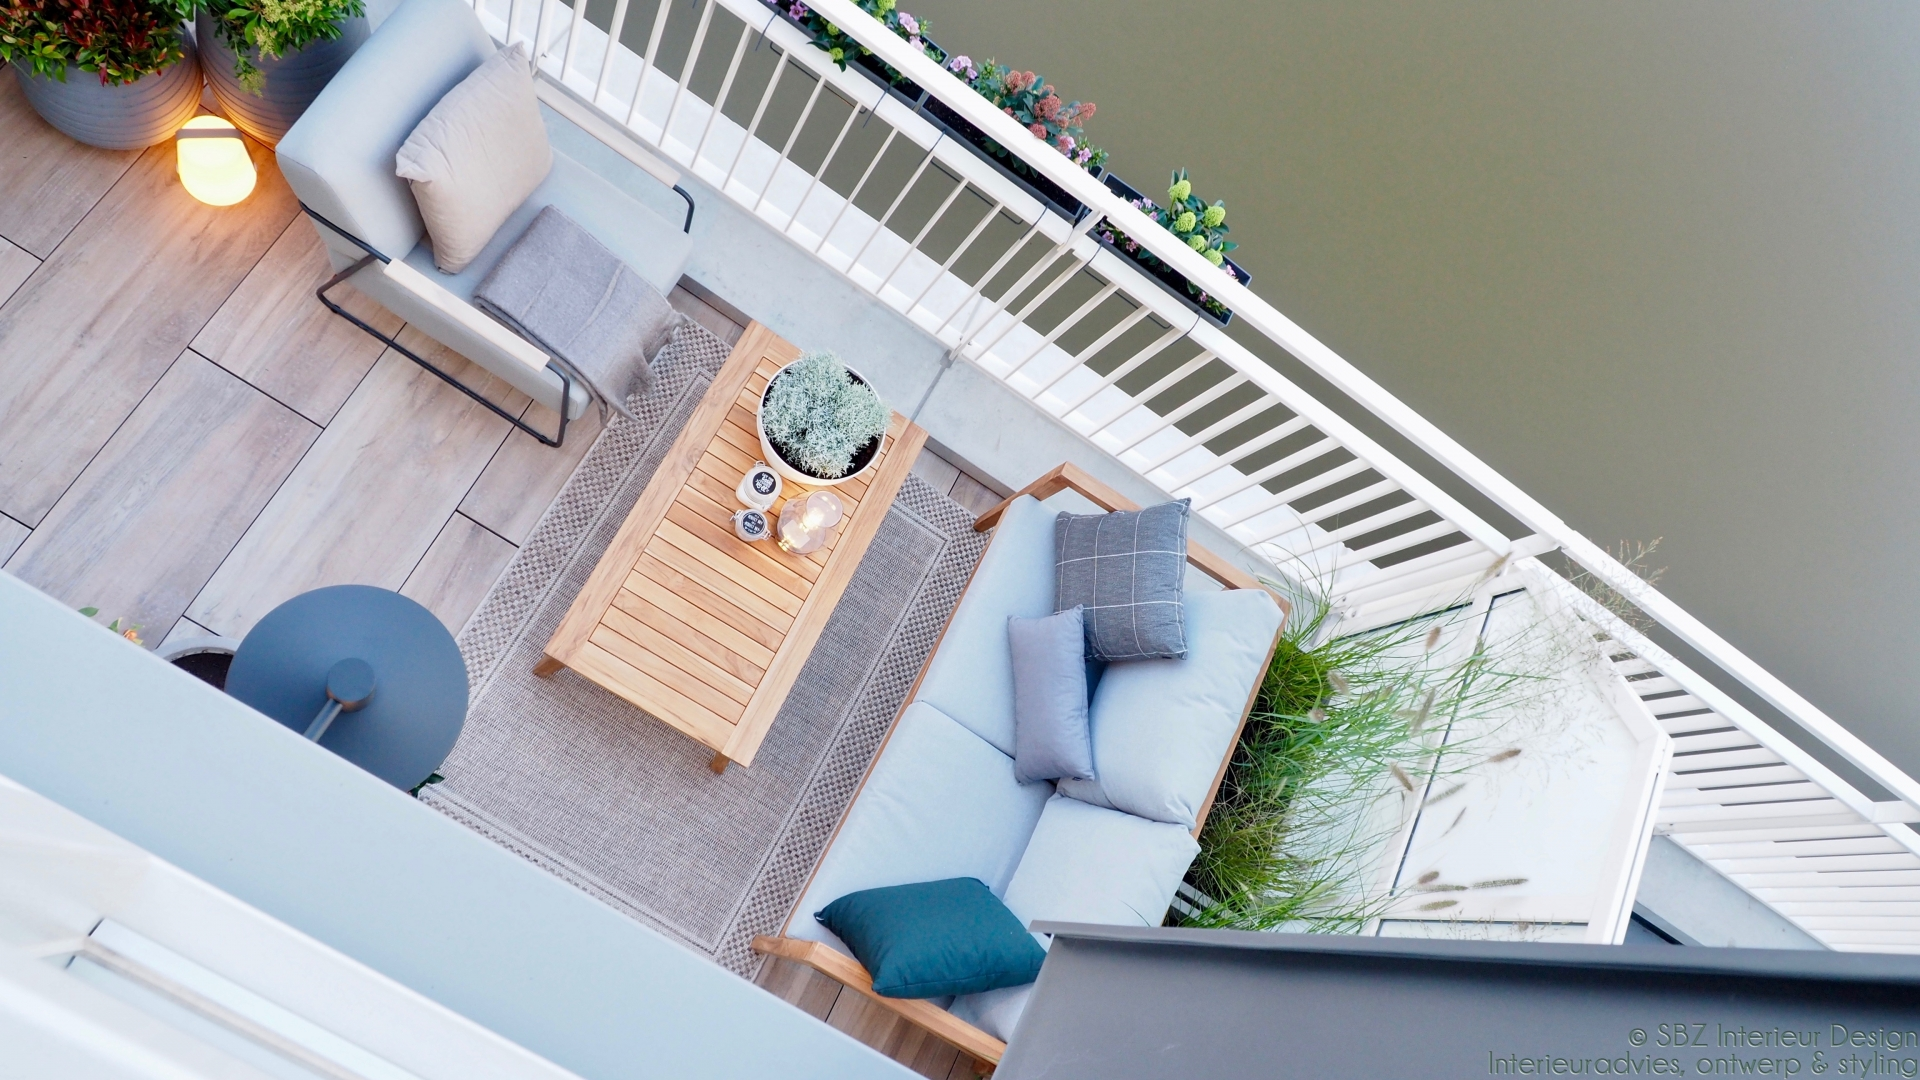 Ontwerp en interieur project balkon Ackerswoude Brinkrijk © SBZ Interieur Design advies – ontwerp- interieur realisatie en styling – sbzinterieurdesign.nl 212